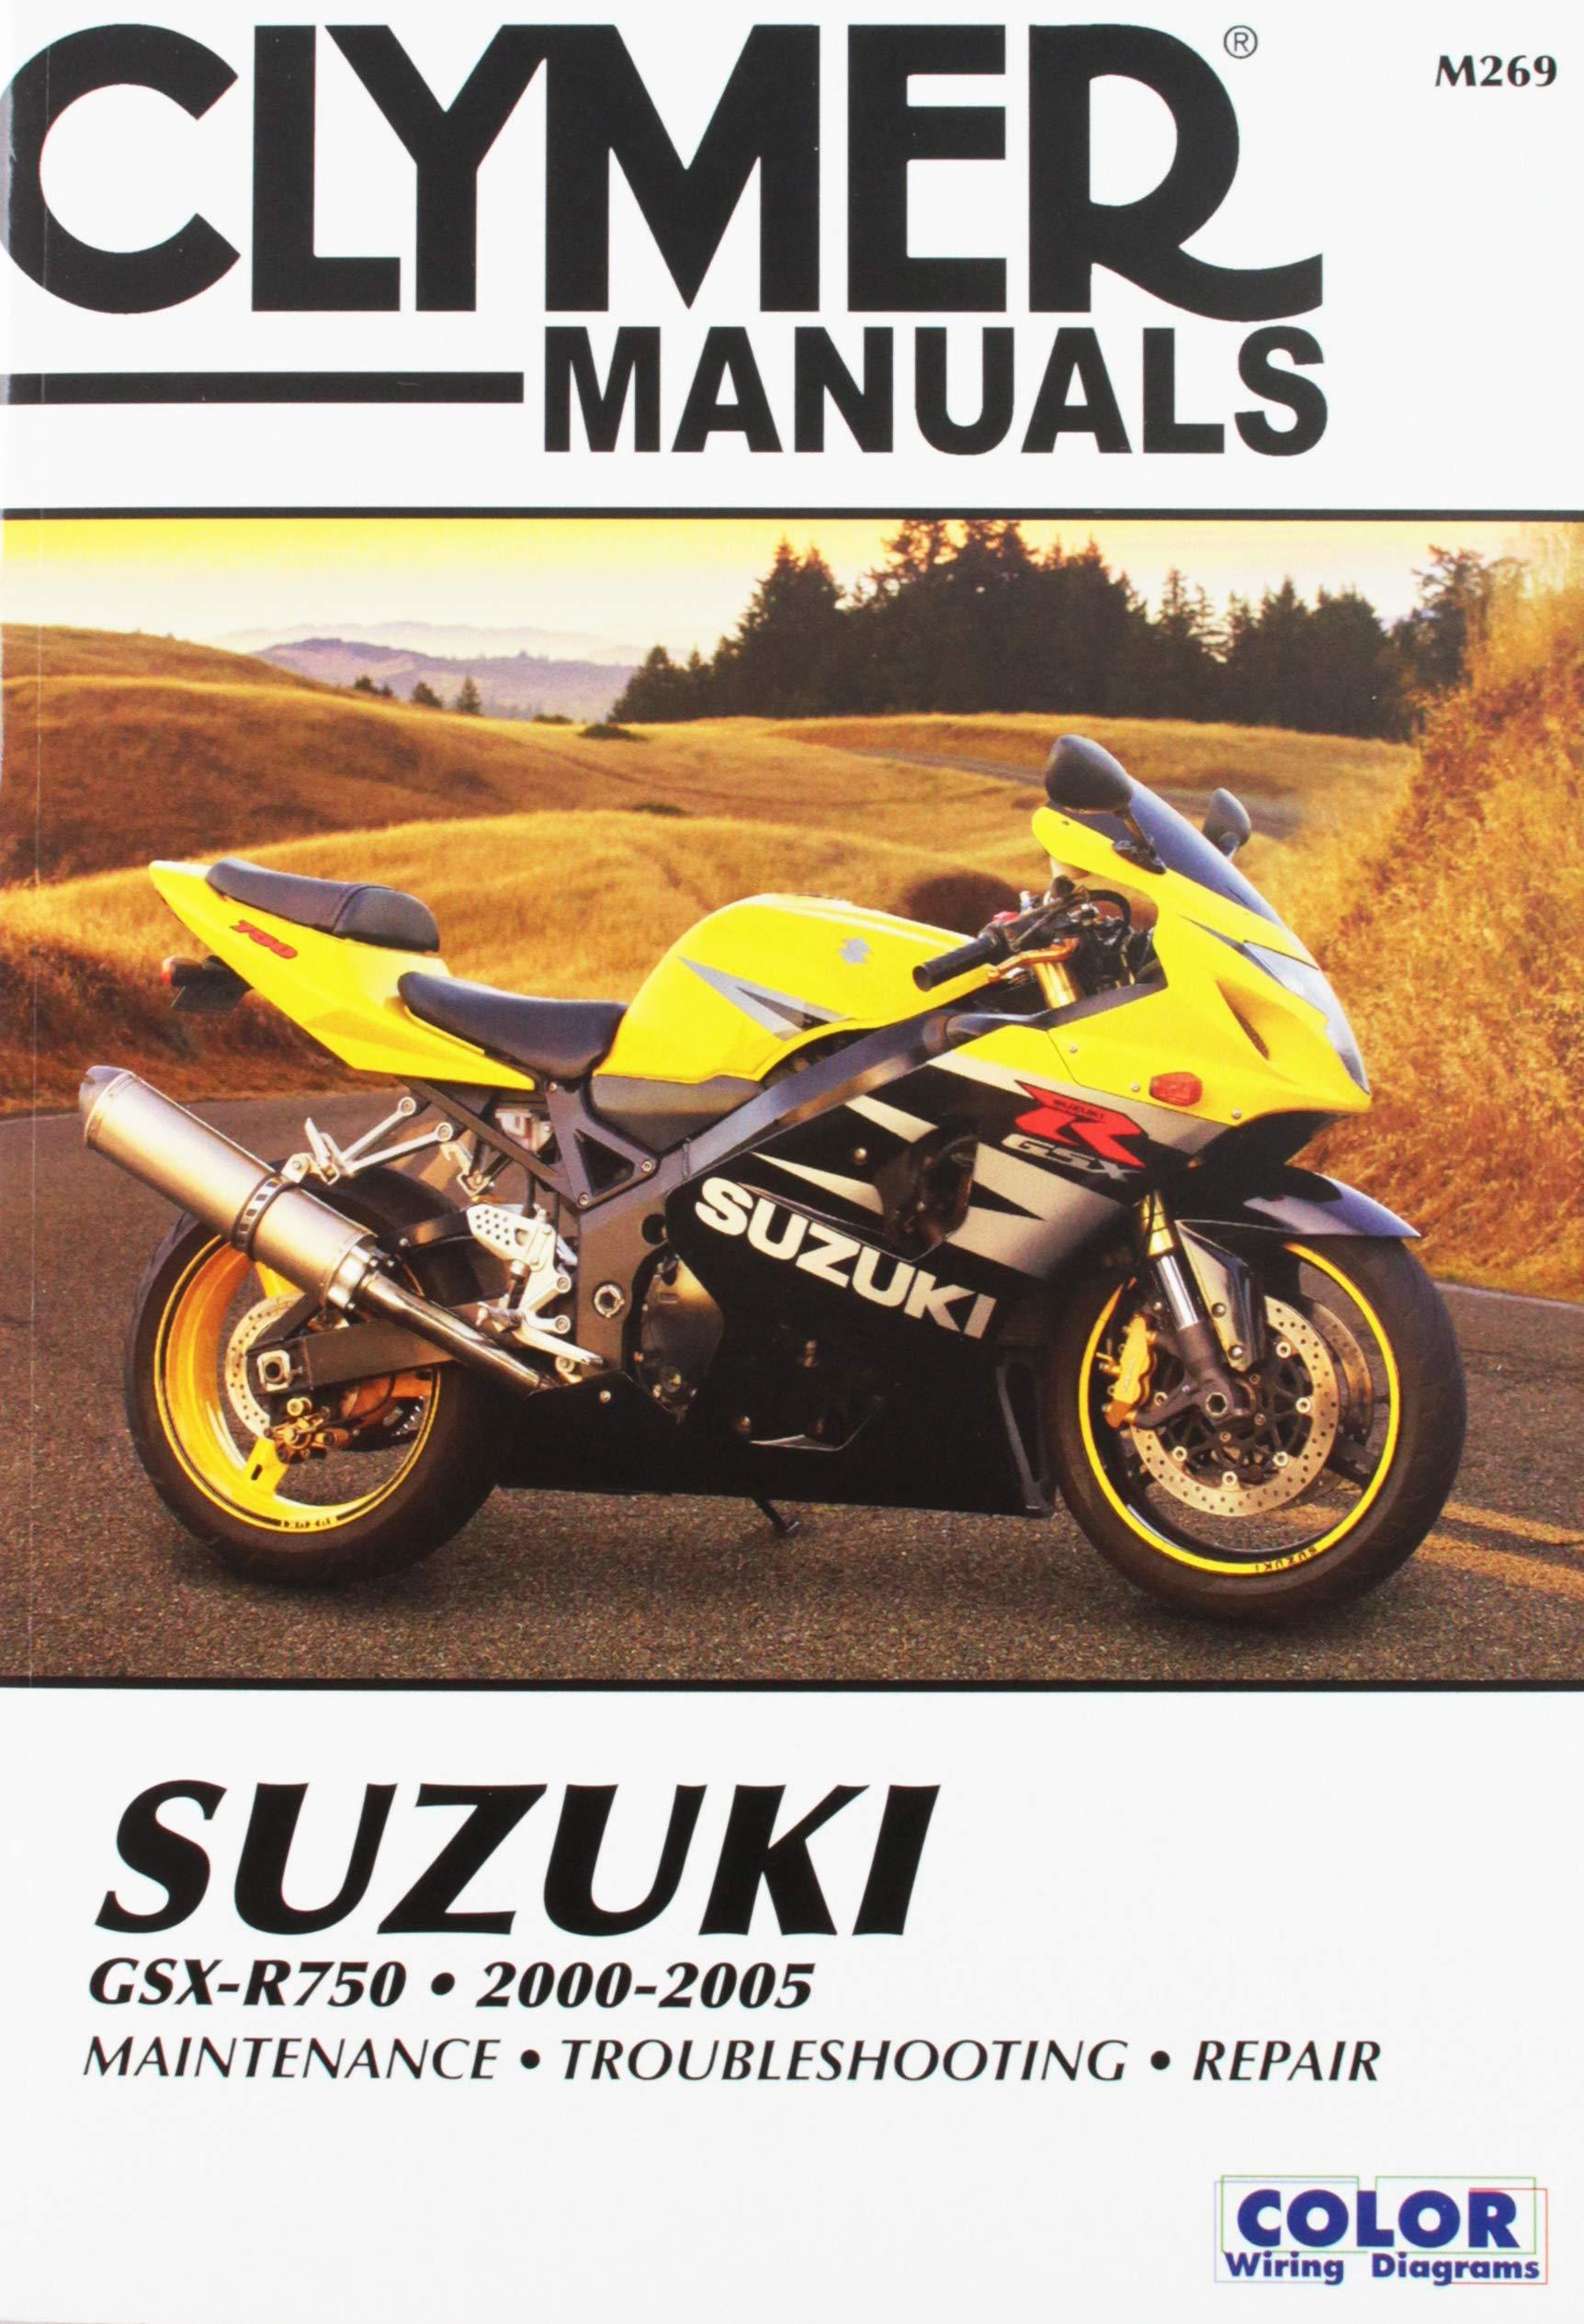 suzuki gsx-r750 2000-2005 (clymer powersport) paperback – october 1, 2017